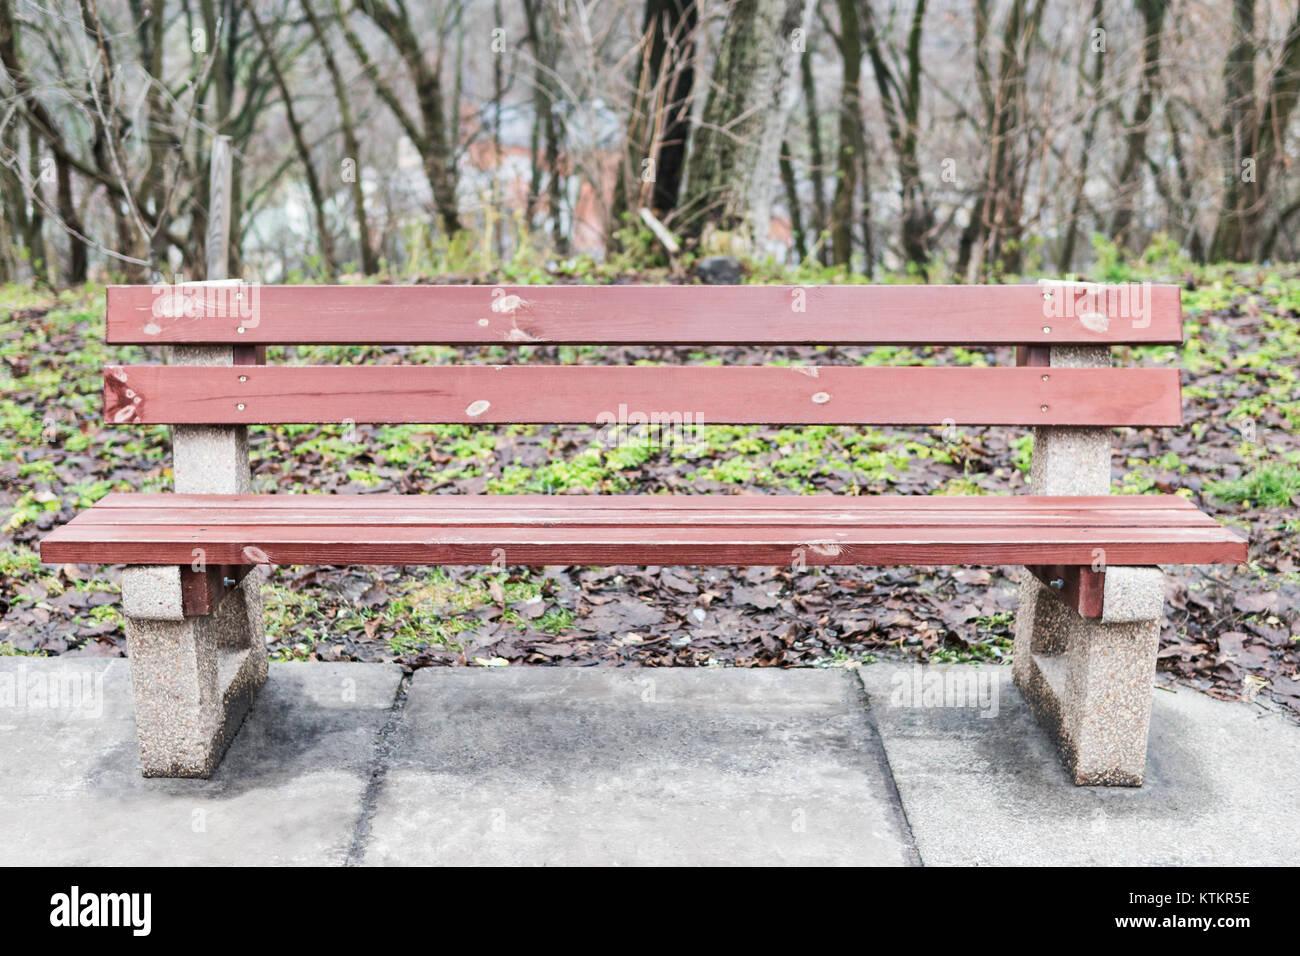 Alte Holzbank auf konkrete Beine in der Stadt Herbst Park Stockfoto ...